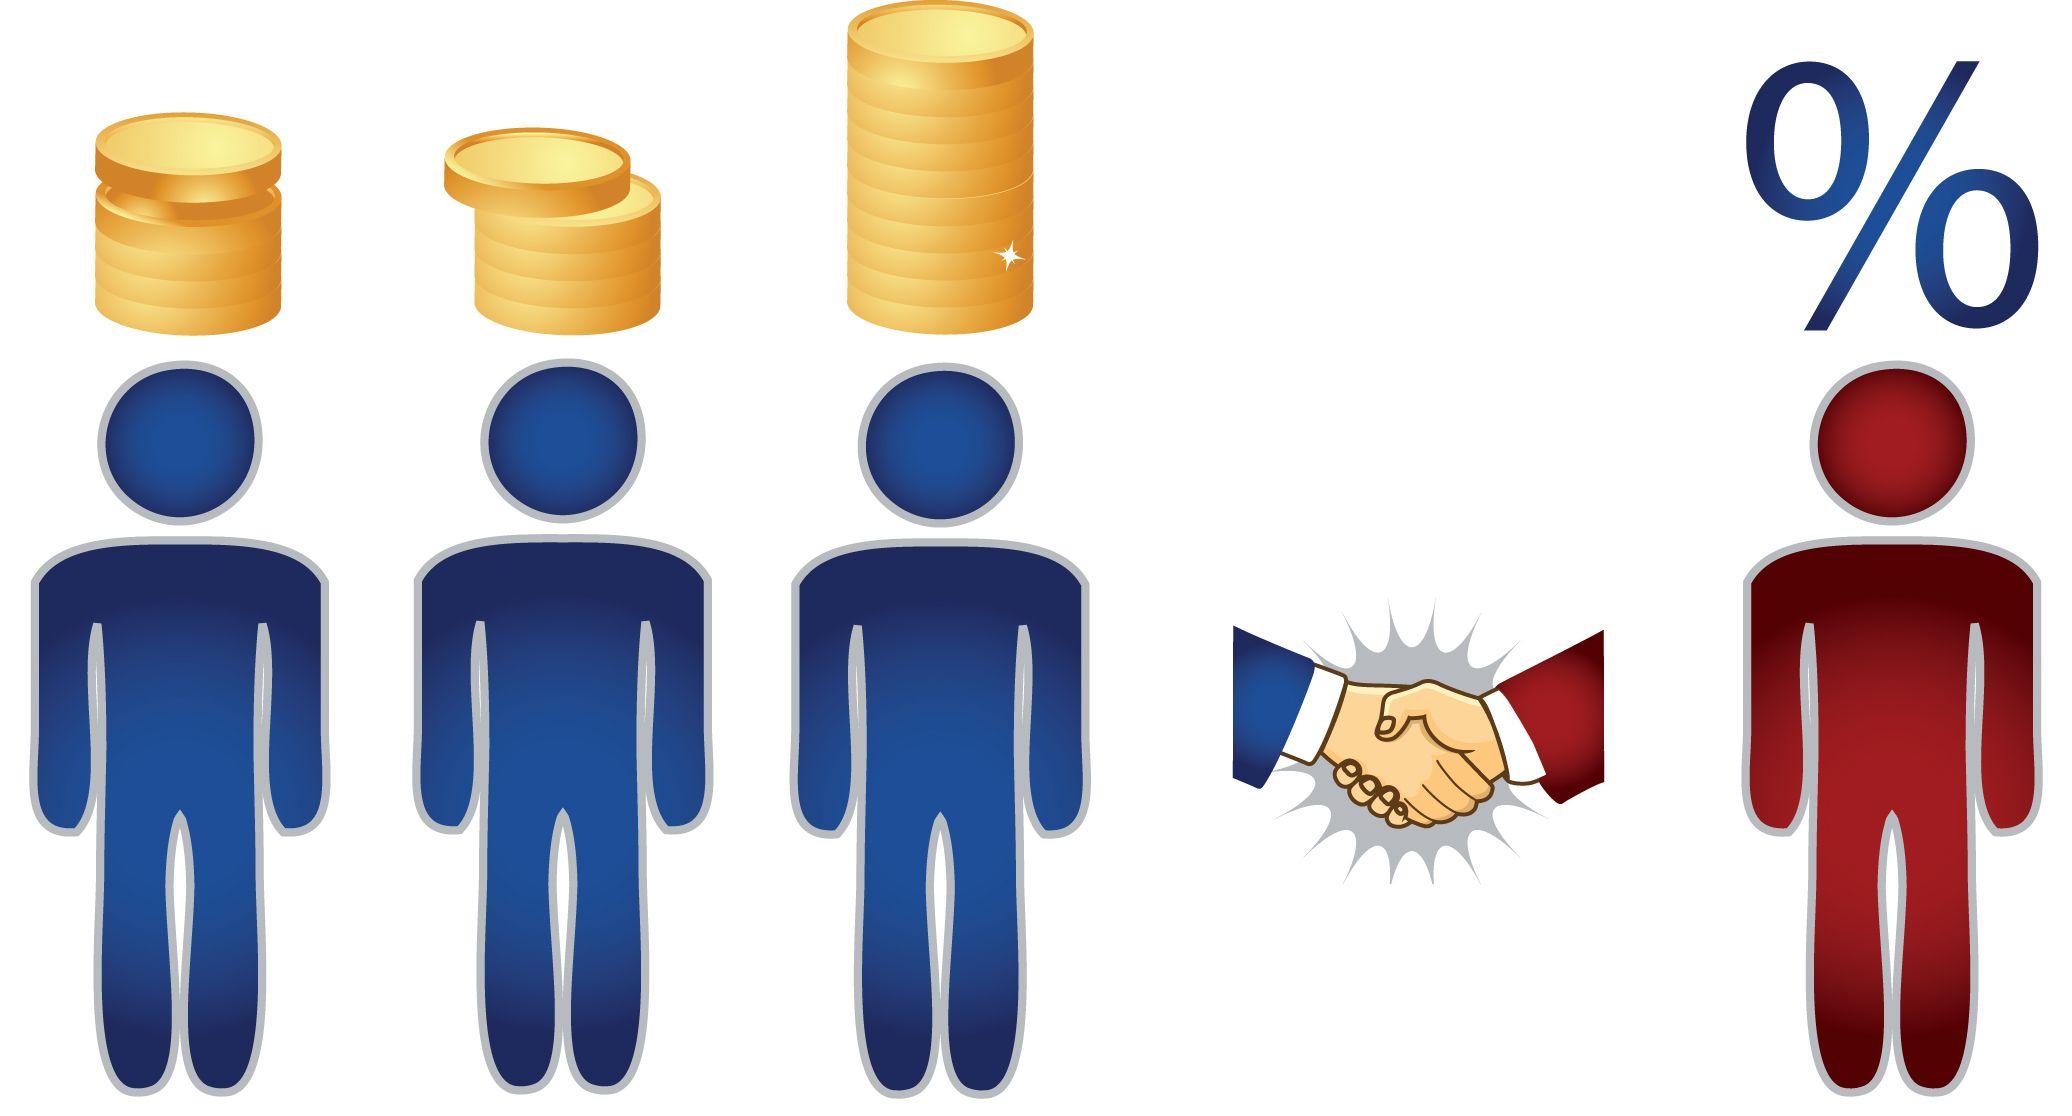 Кооператив кредитно потребительский займы под залог киров